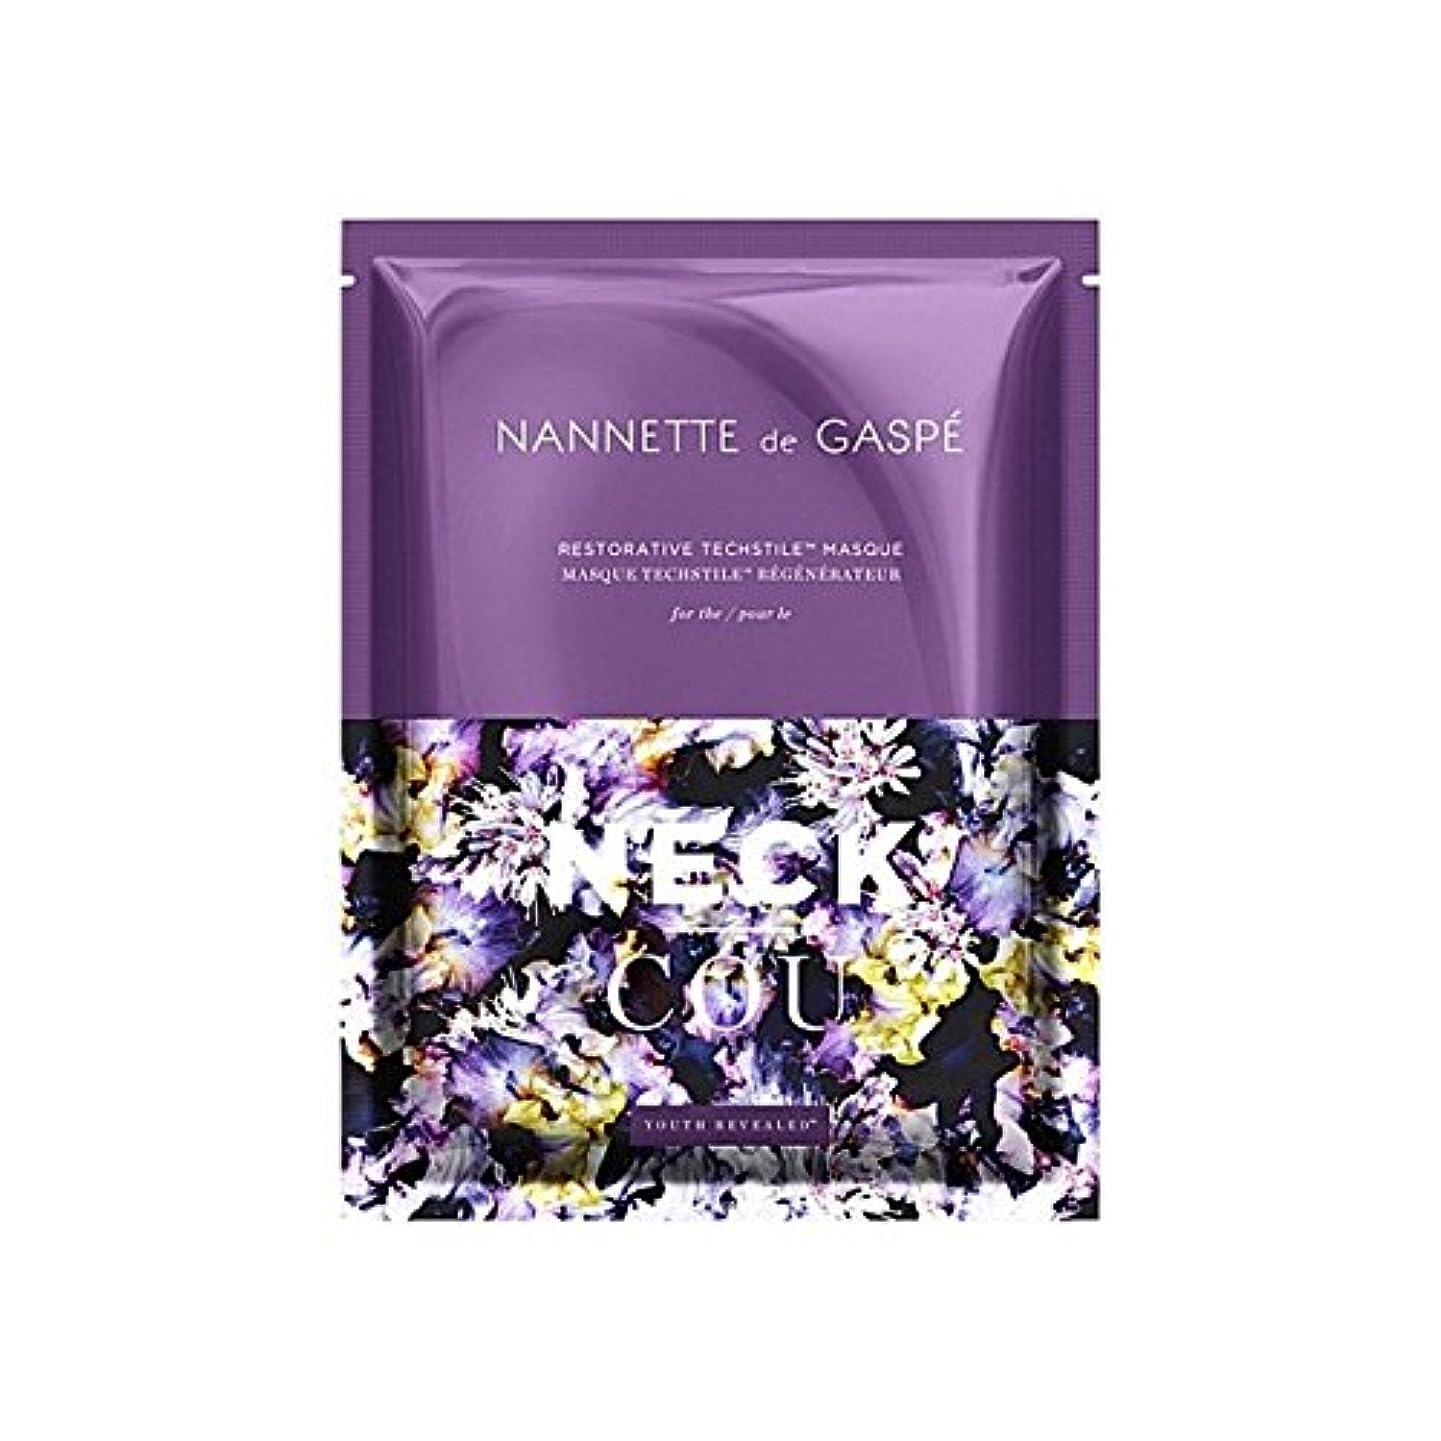 あまりにもドナウ川レオナルドダデガスペ修復首の仮面劇 x2 - Nannette De Gaspe Restorative Techstile Neck Masque (Pack of 2) [並行輸入品]